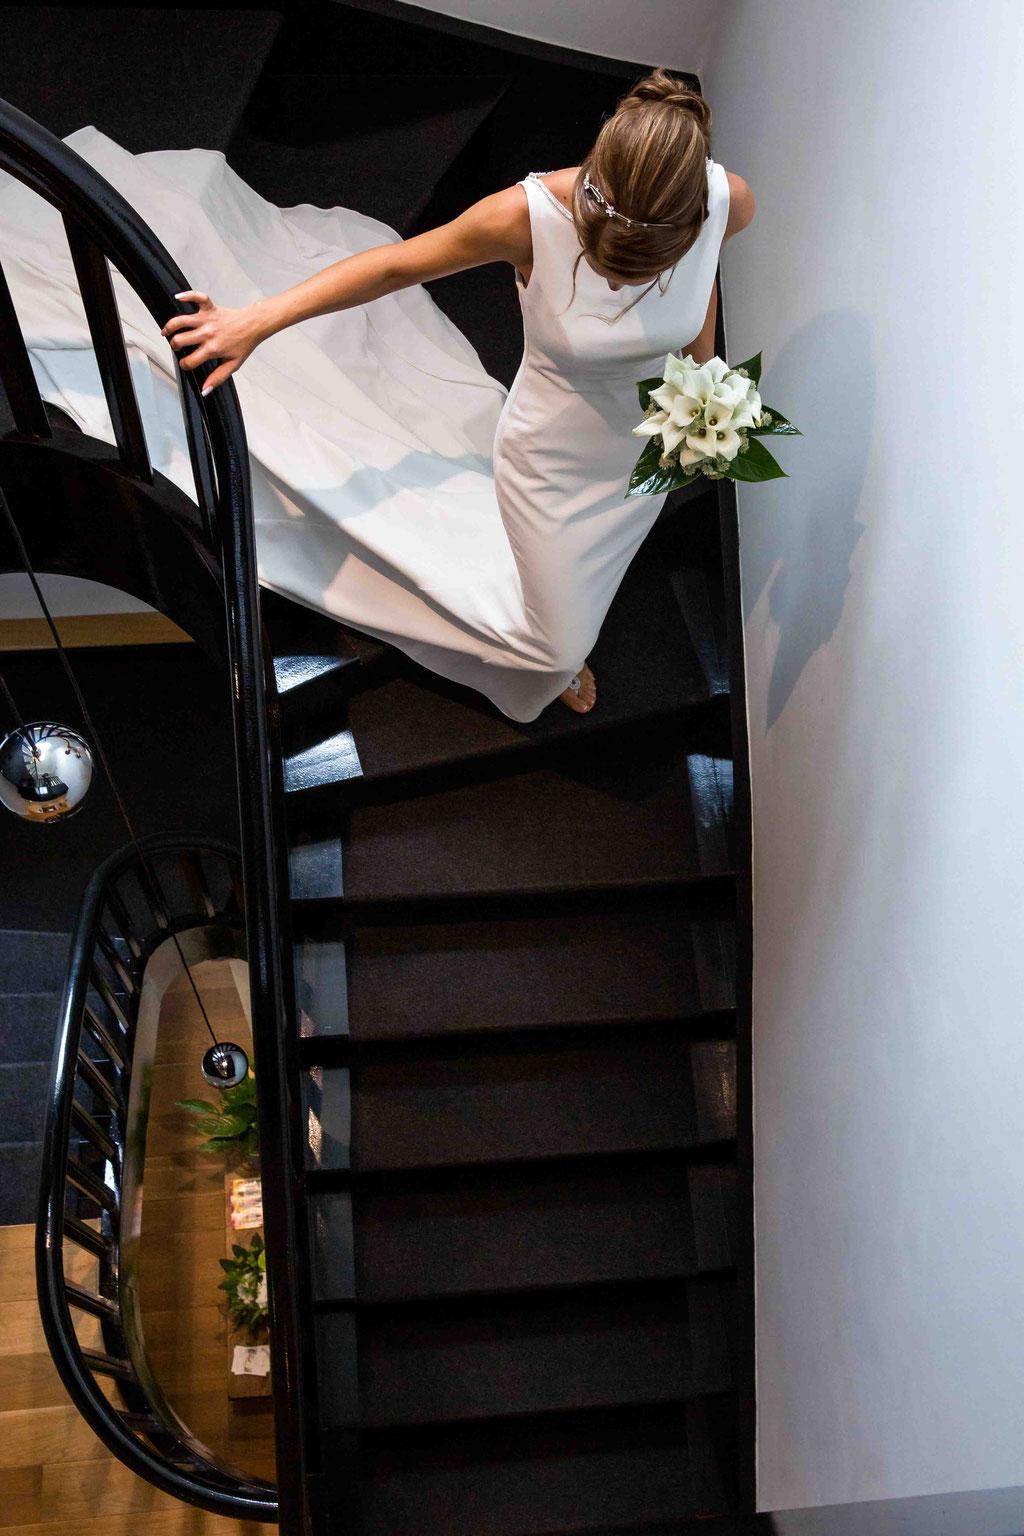 Brautfoto, Brautbilder, Hochzeitsbild der Braut, Hochzeitsfotograf Hofheim am Taunus, Hochzeitsfotografin